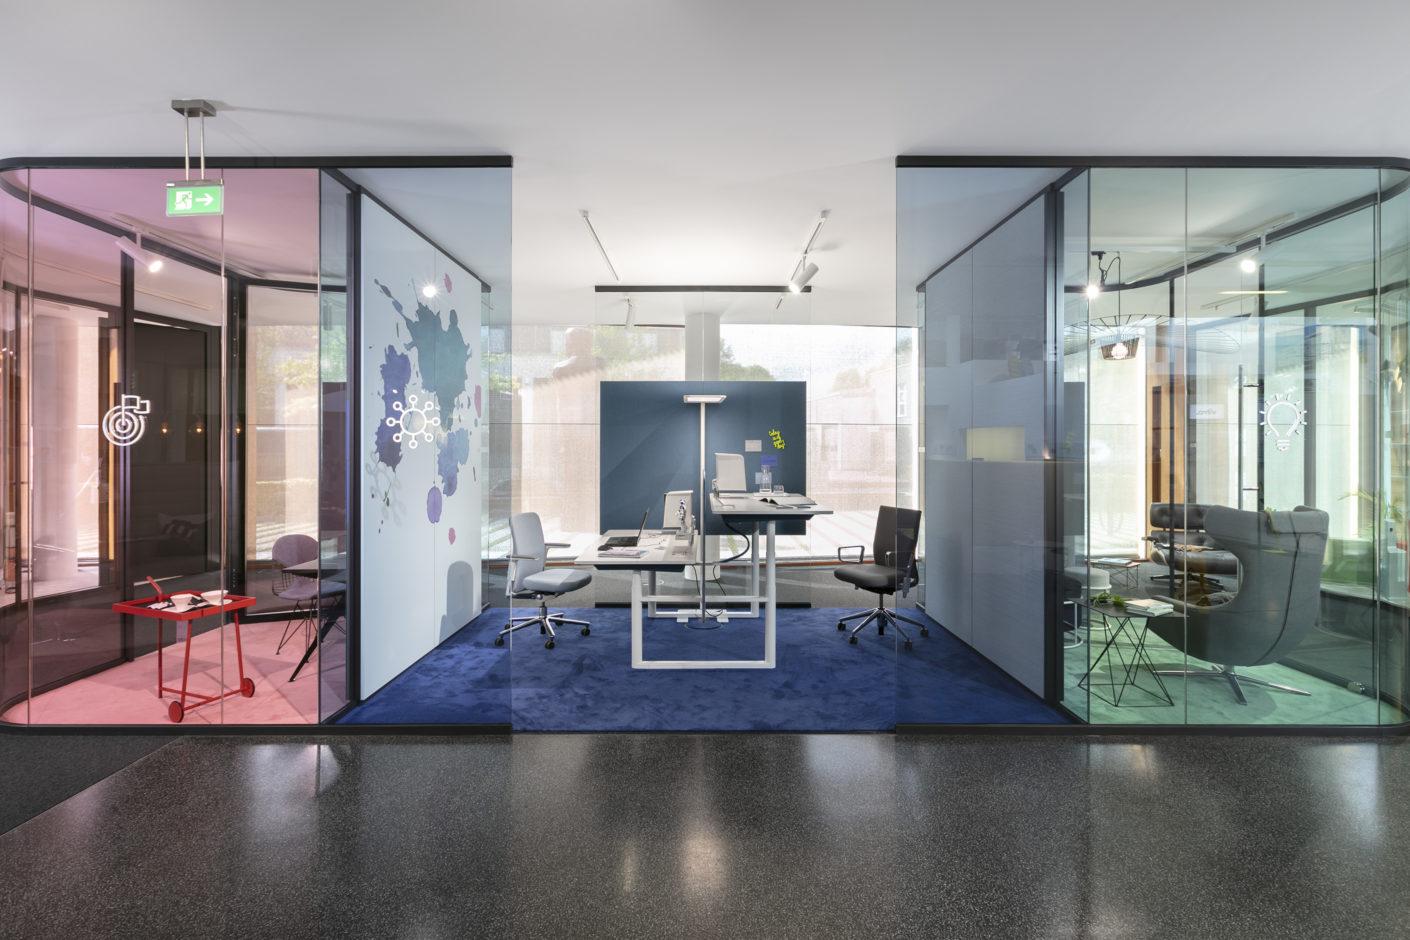 Unser feco-forum in Karlsruhe ✓ ein Ort der Kommunikation mit unseren Kunden ✓ Arbeitsraum für unsere Mitarbeiter ✓ über 3.500m² Ausstellungsfläche.